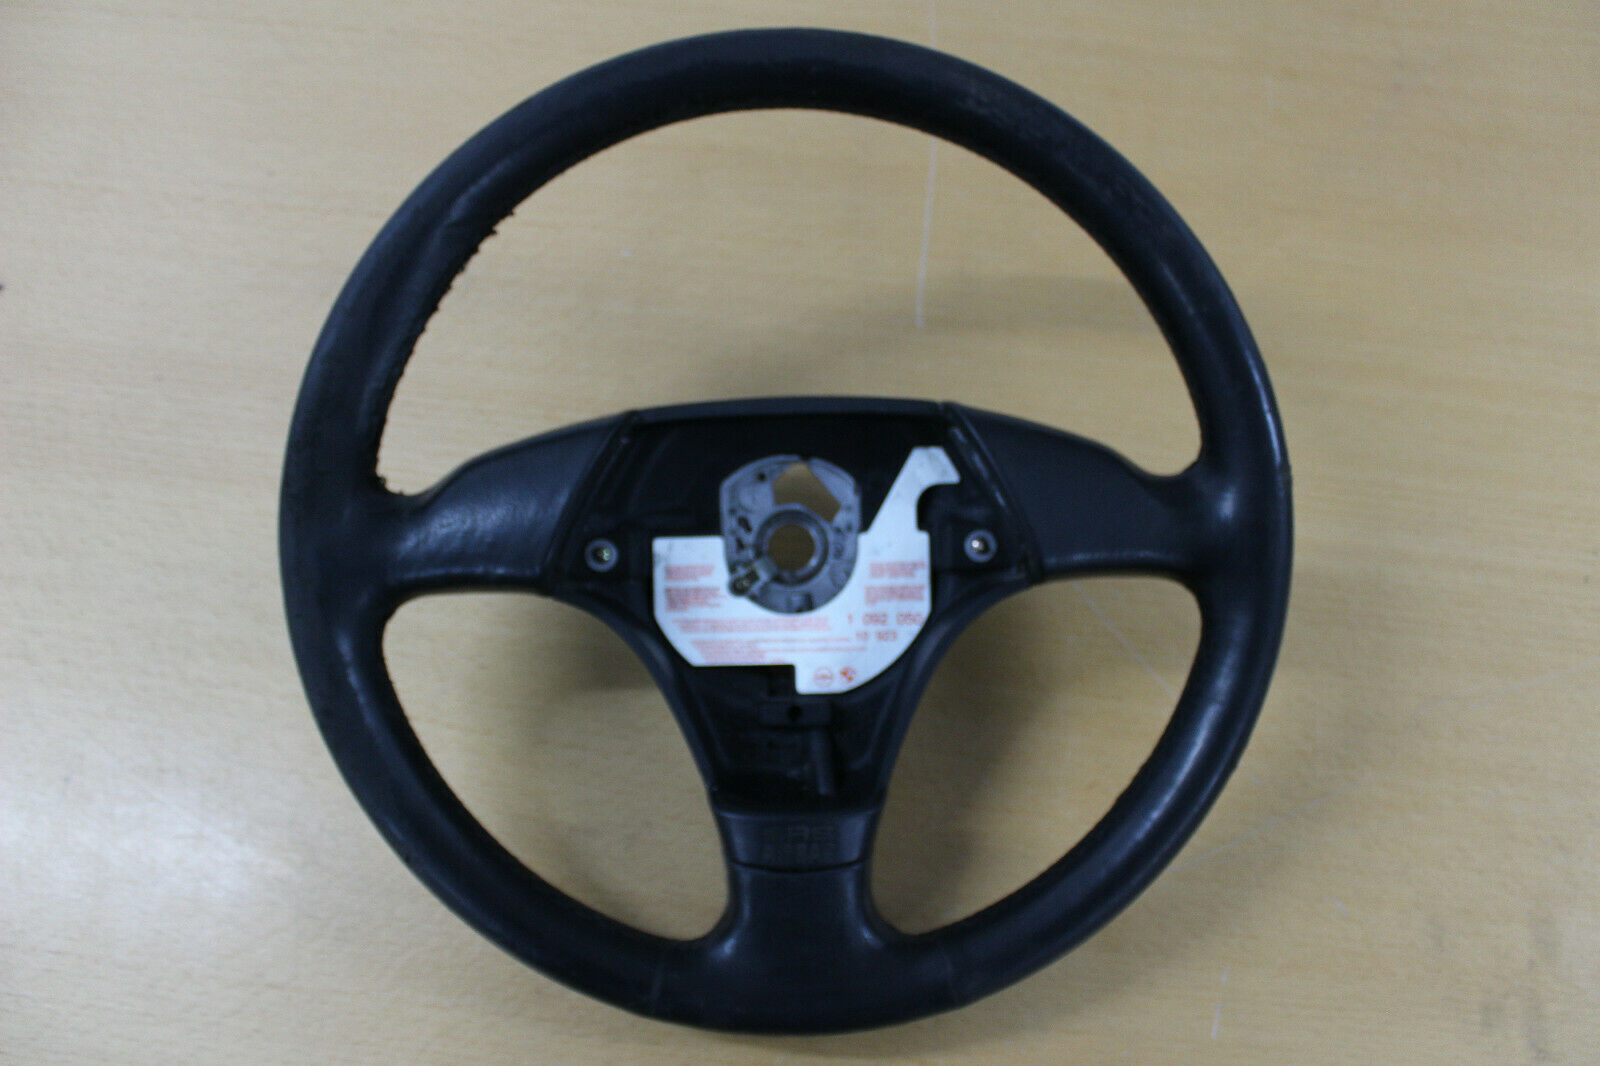 BMW E36 3 Spoke Sports Steering Wheel Leather Steering Wheel 1092050